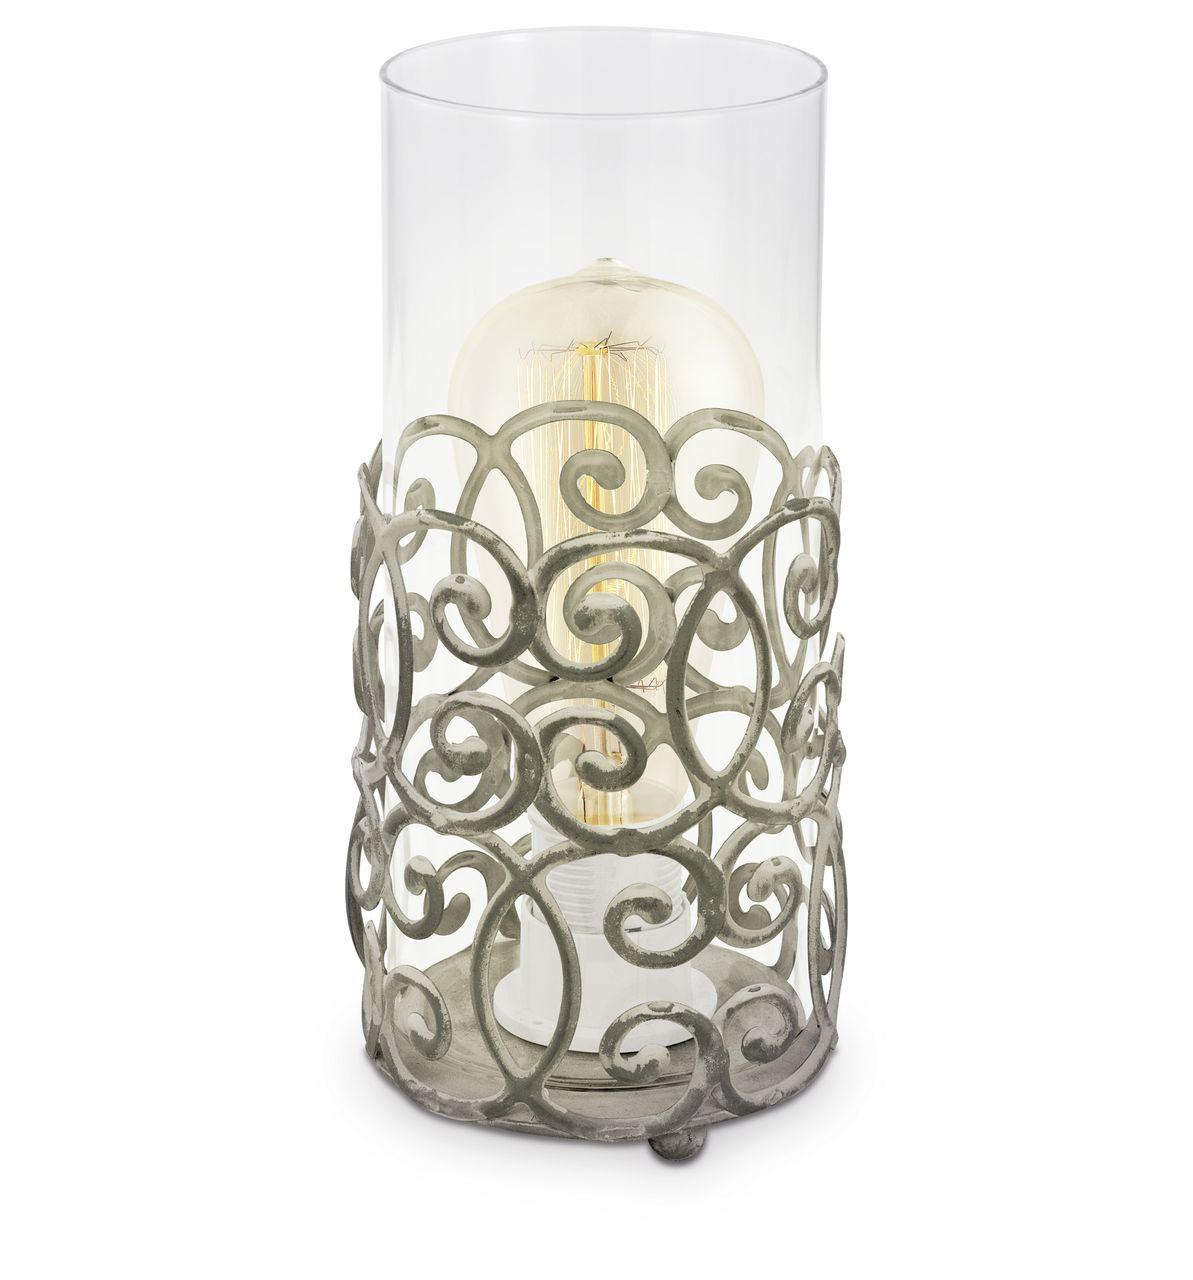 Настольная лампа Eglo Vintage 49274 настольная лампа eglo vintage 49294